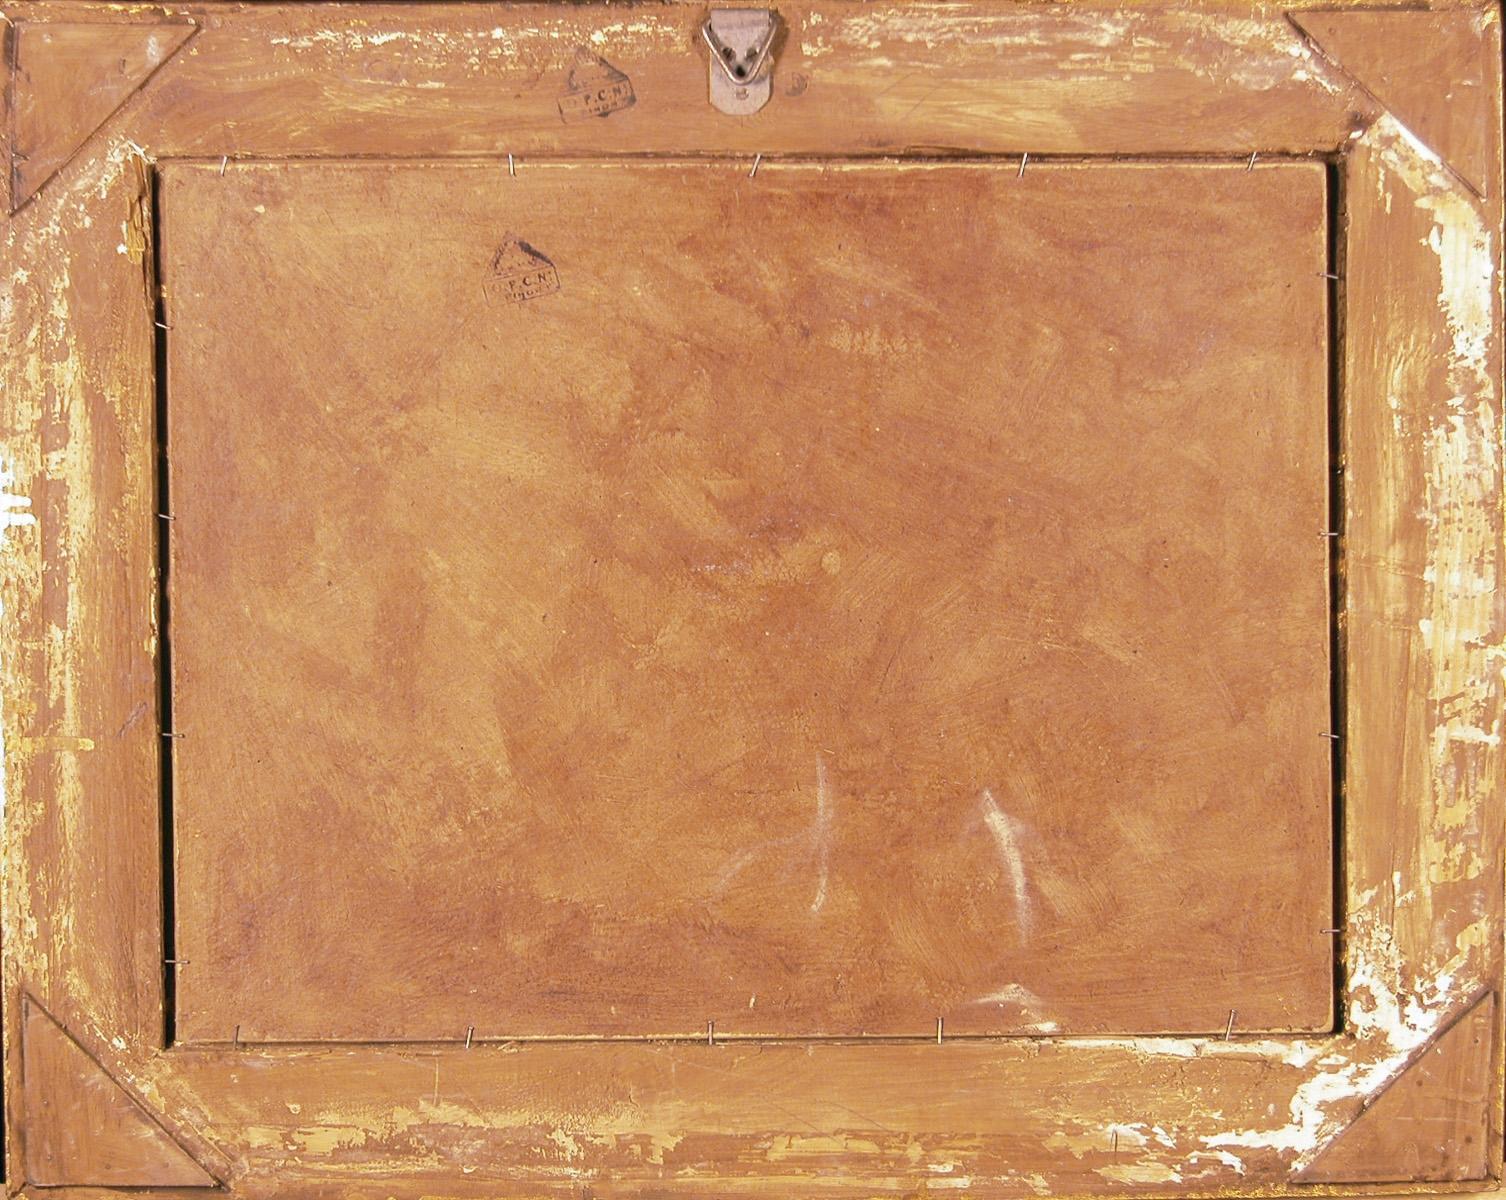 DSCN0038.JPG (1506×1200)